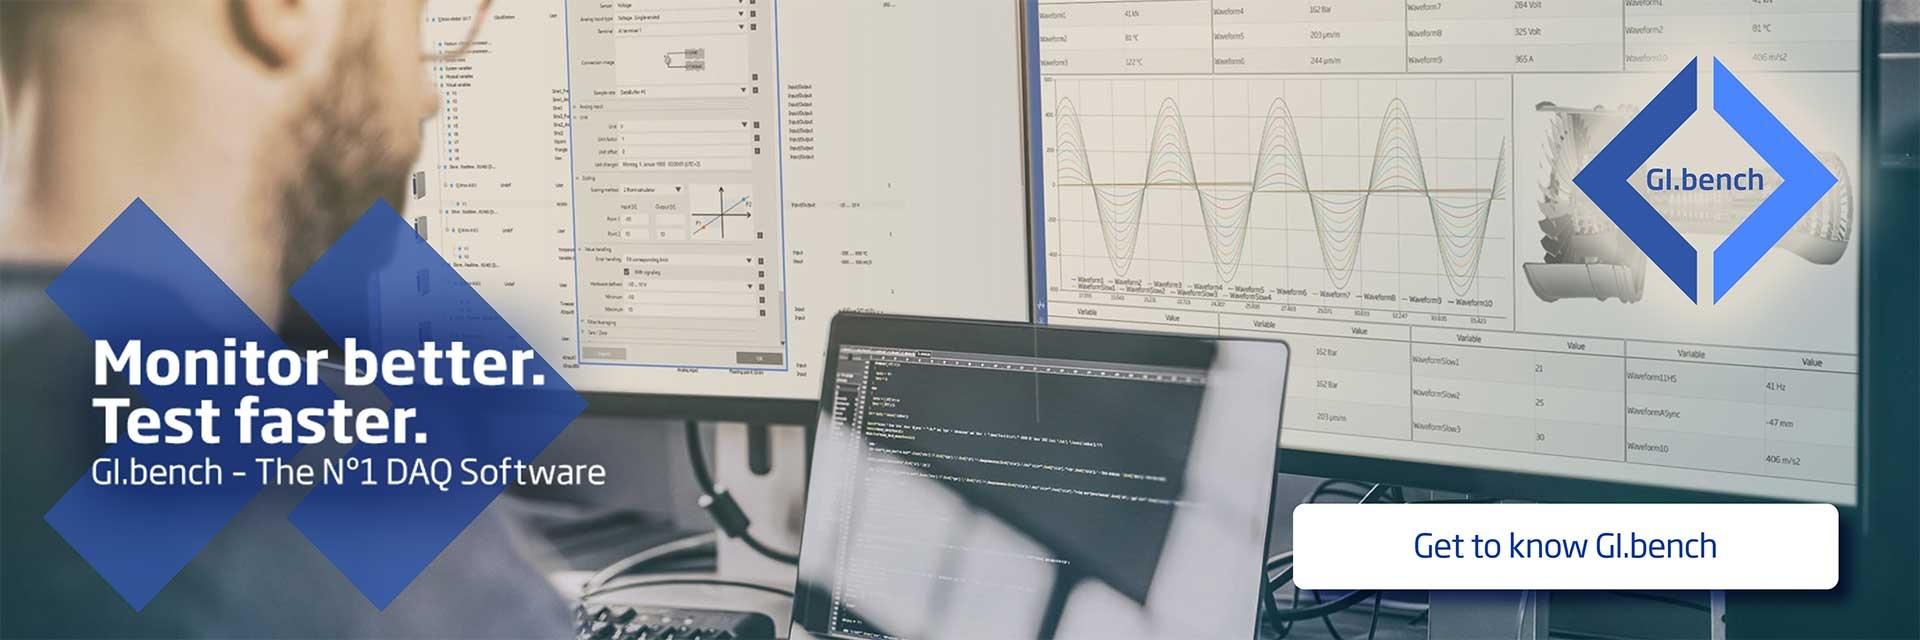 GI.bench - monitor better & test faster